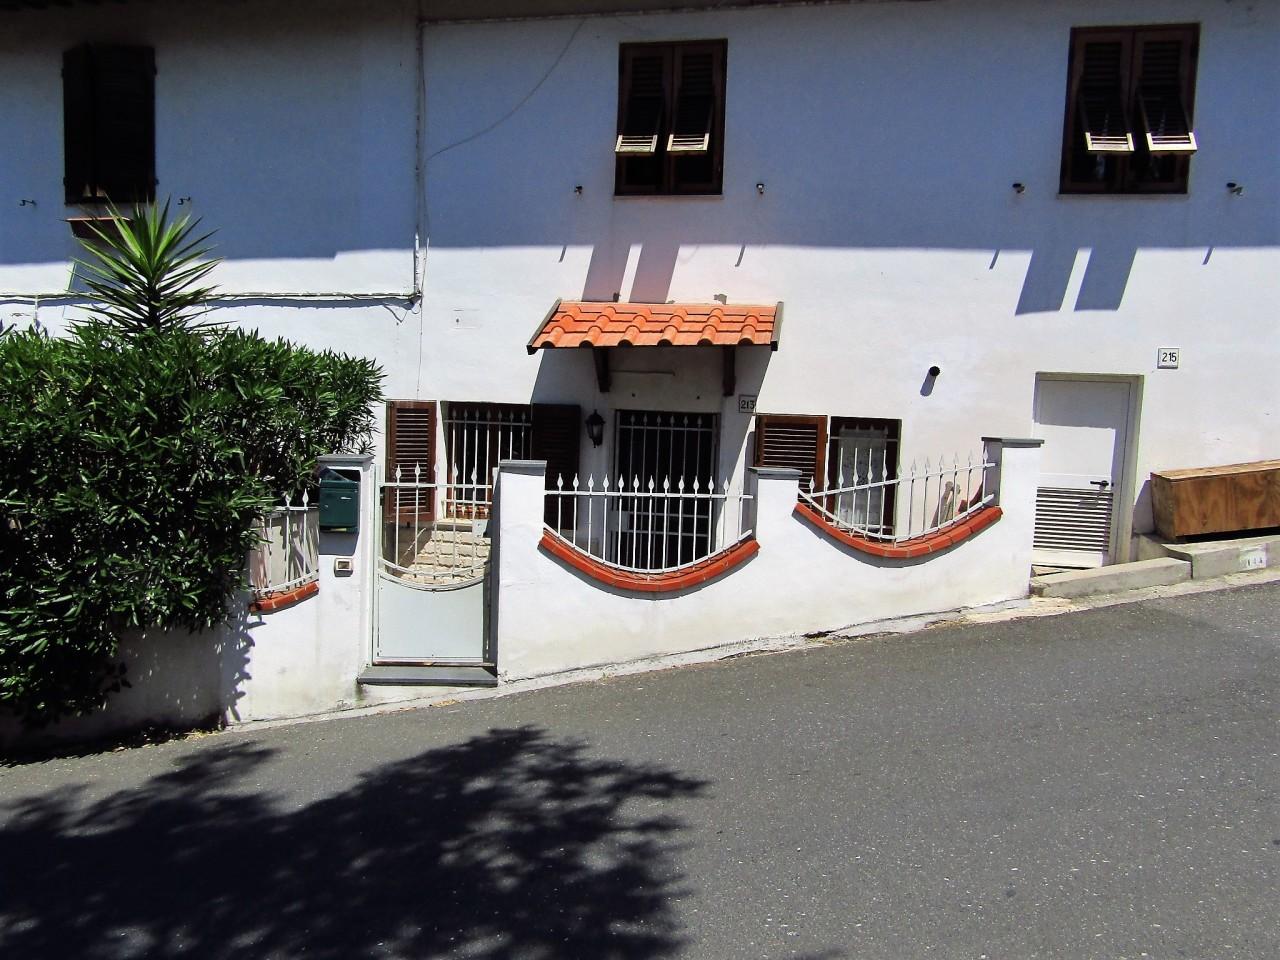 Palazzo / Stabile in vendita a Livorno, 2 locali, prezzo € 109.000   Cambio Casa.it